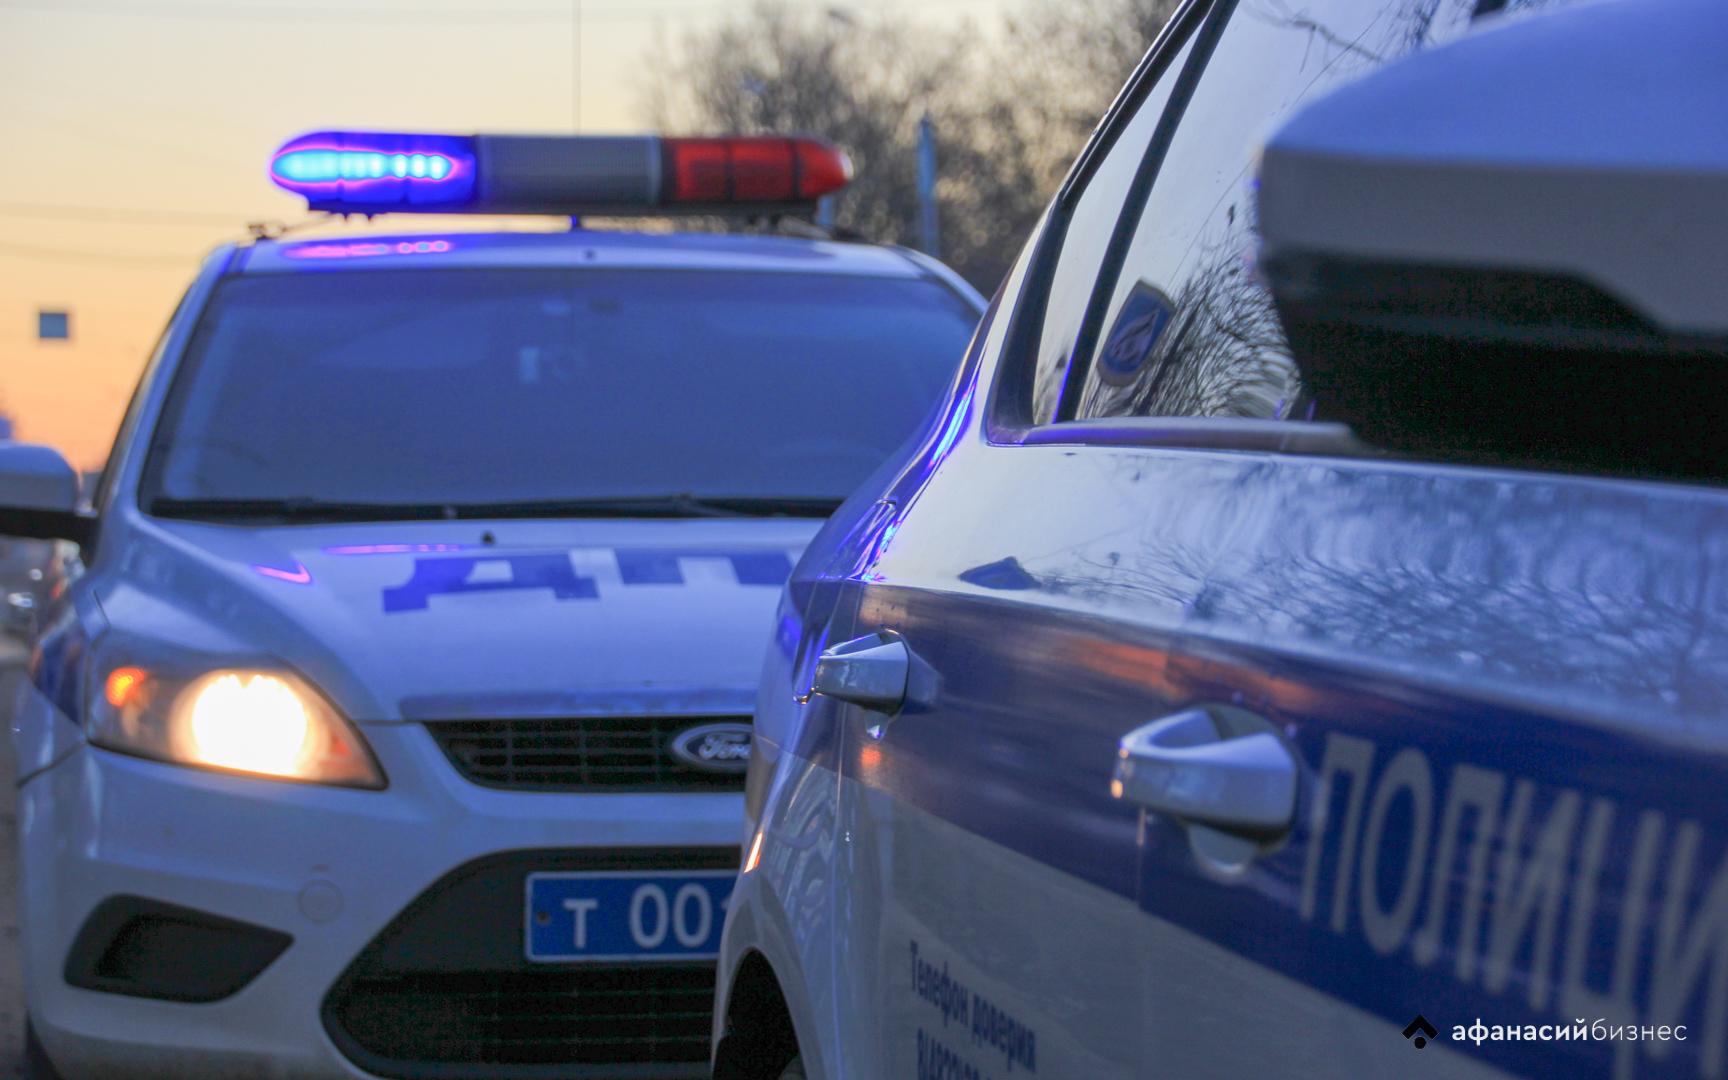 Два человека получили травмы в перевернувшейся в Тверской области легковушке - новости Афанасий